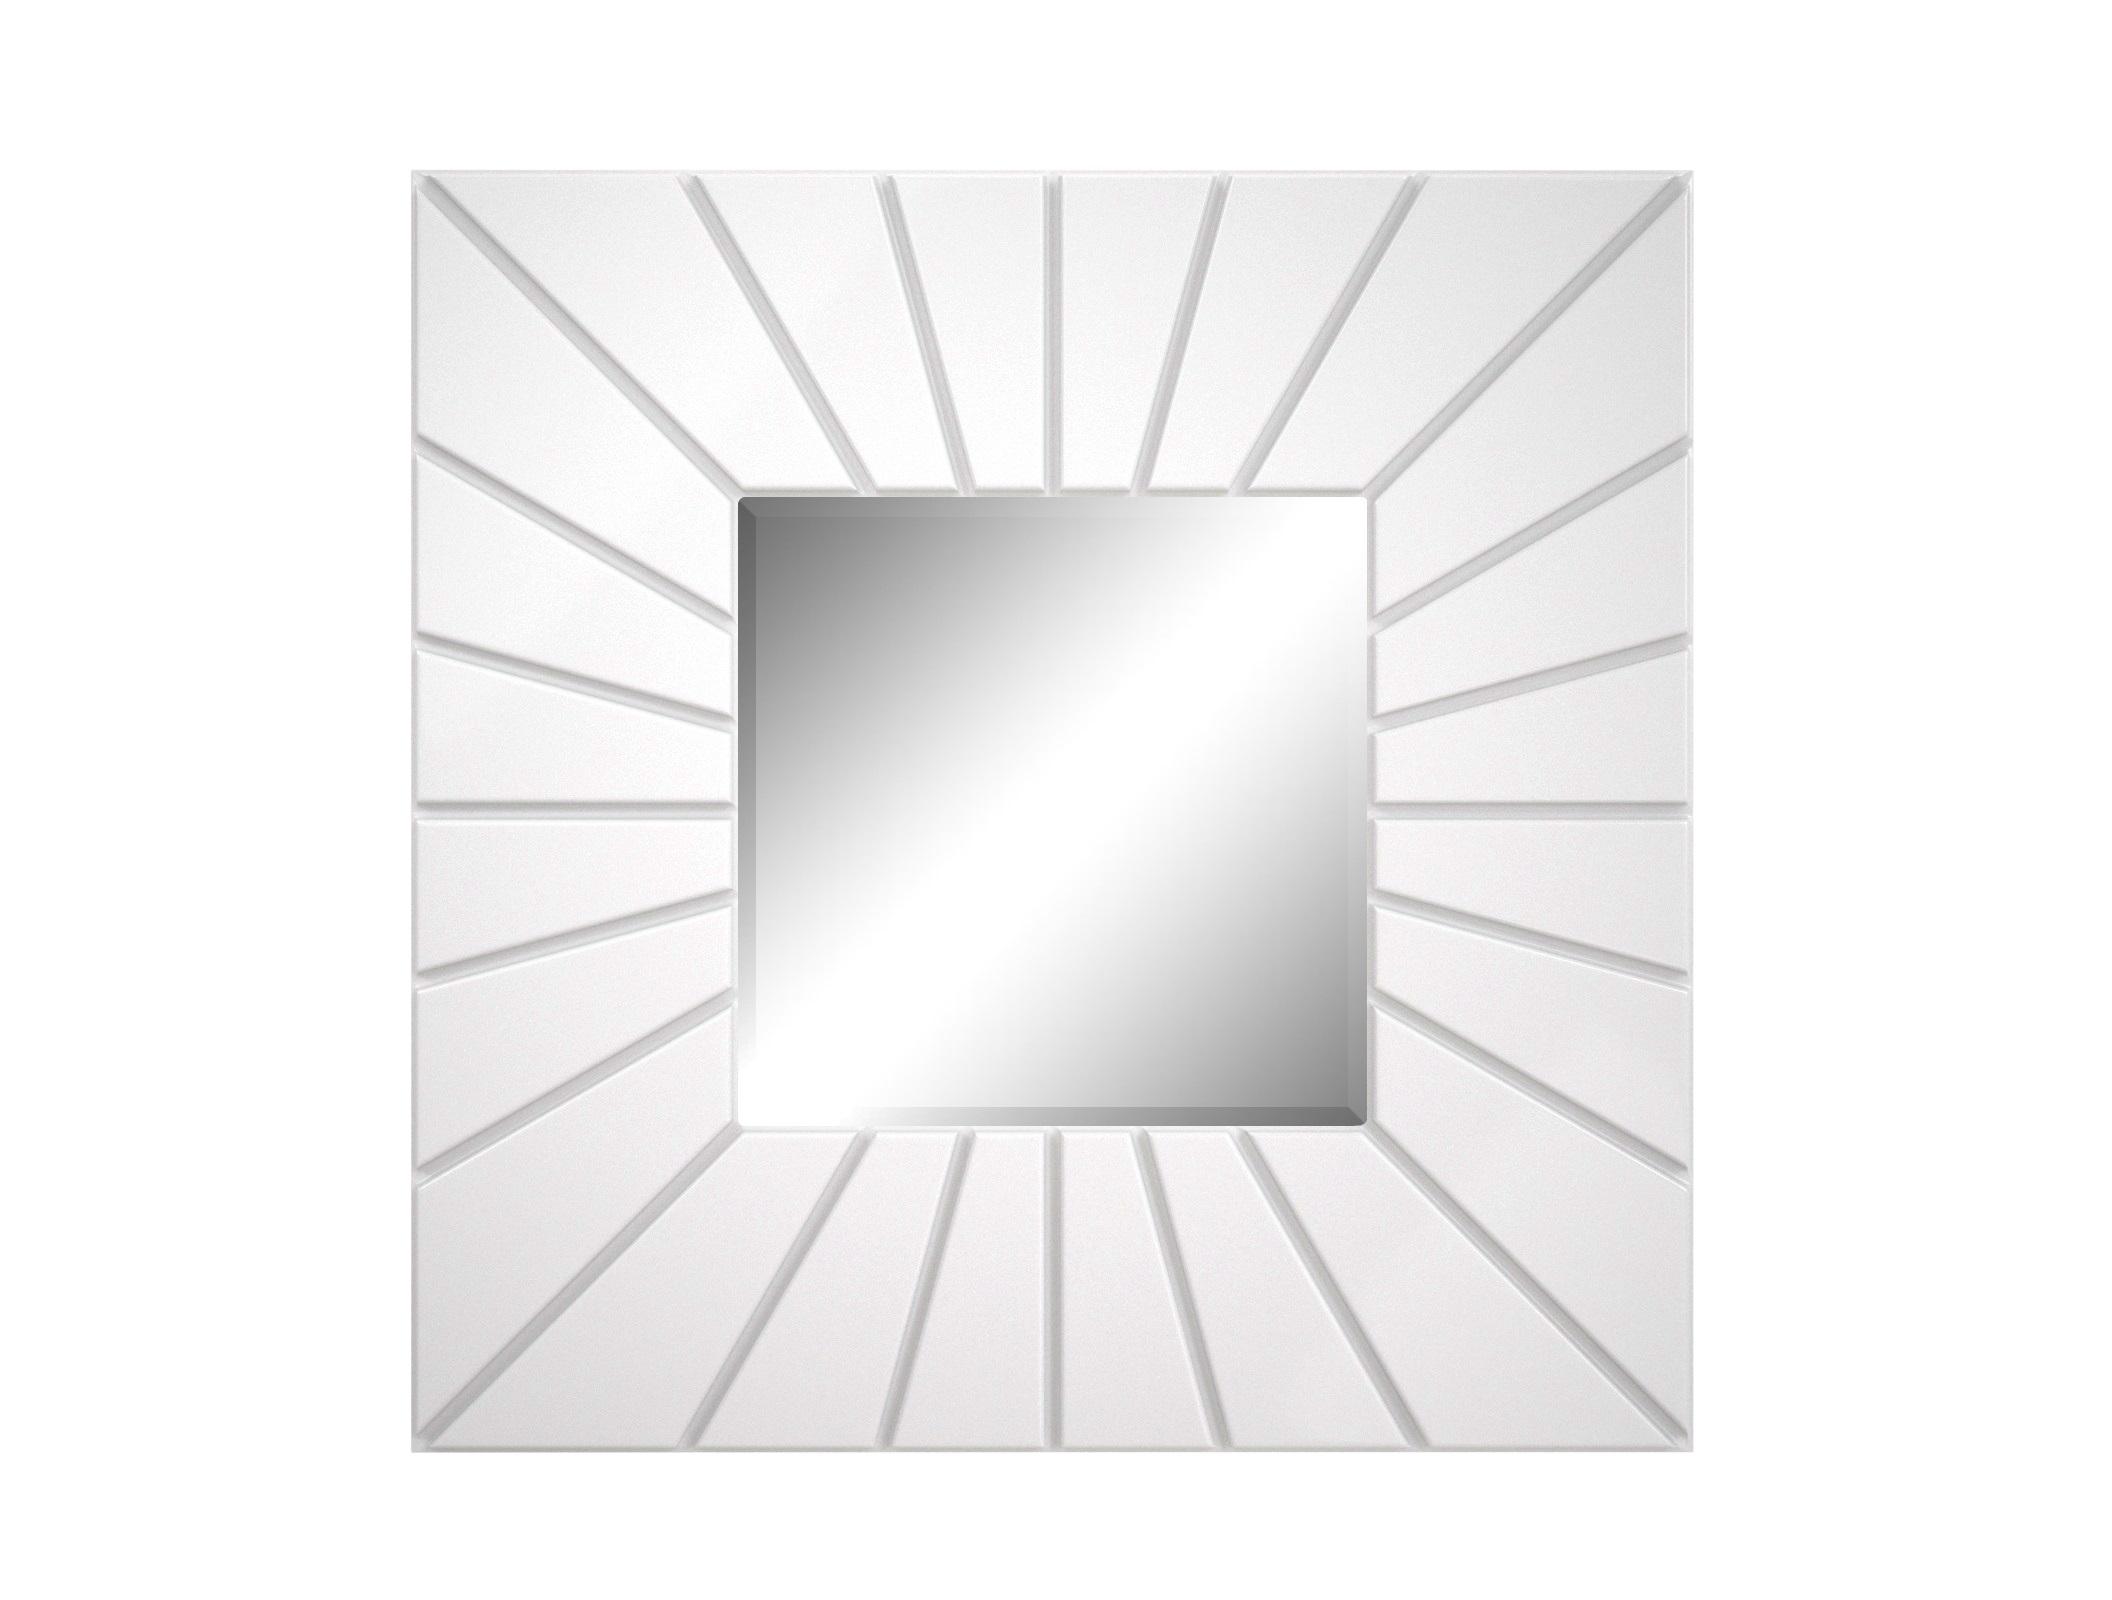 Зеркало Ambicioni 15439643 от thefurnish